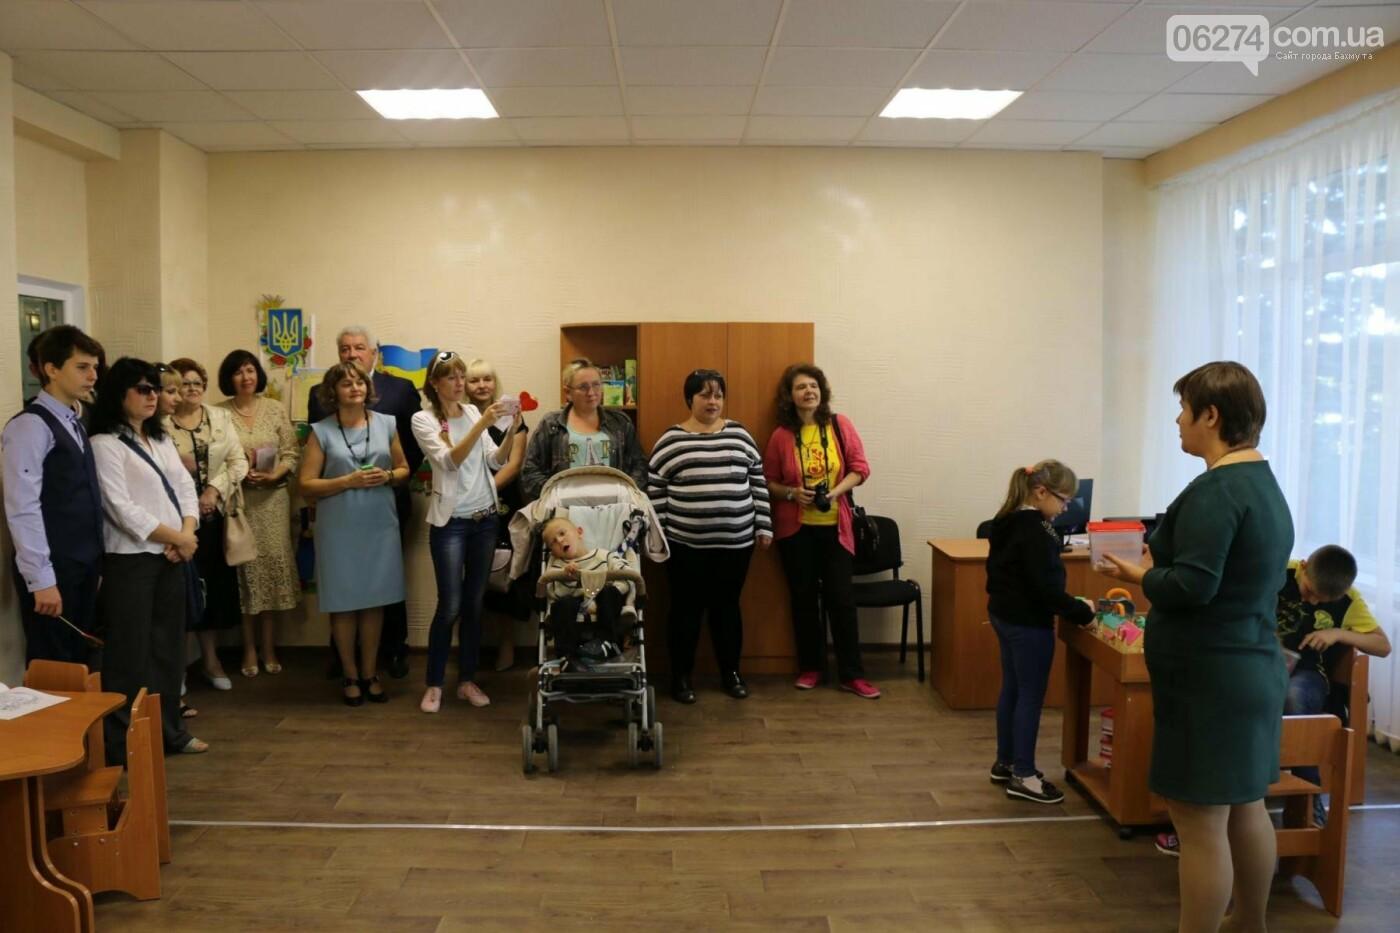 В Бахмуте открыт Инклюзивно-ресурсный центр для детей с особыми потребностями, фото-14